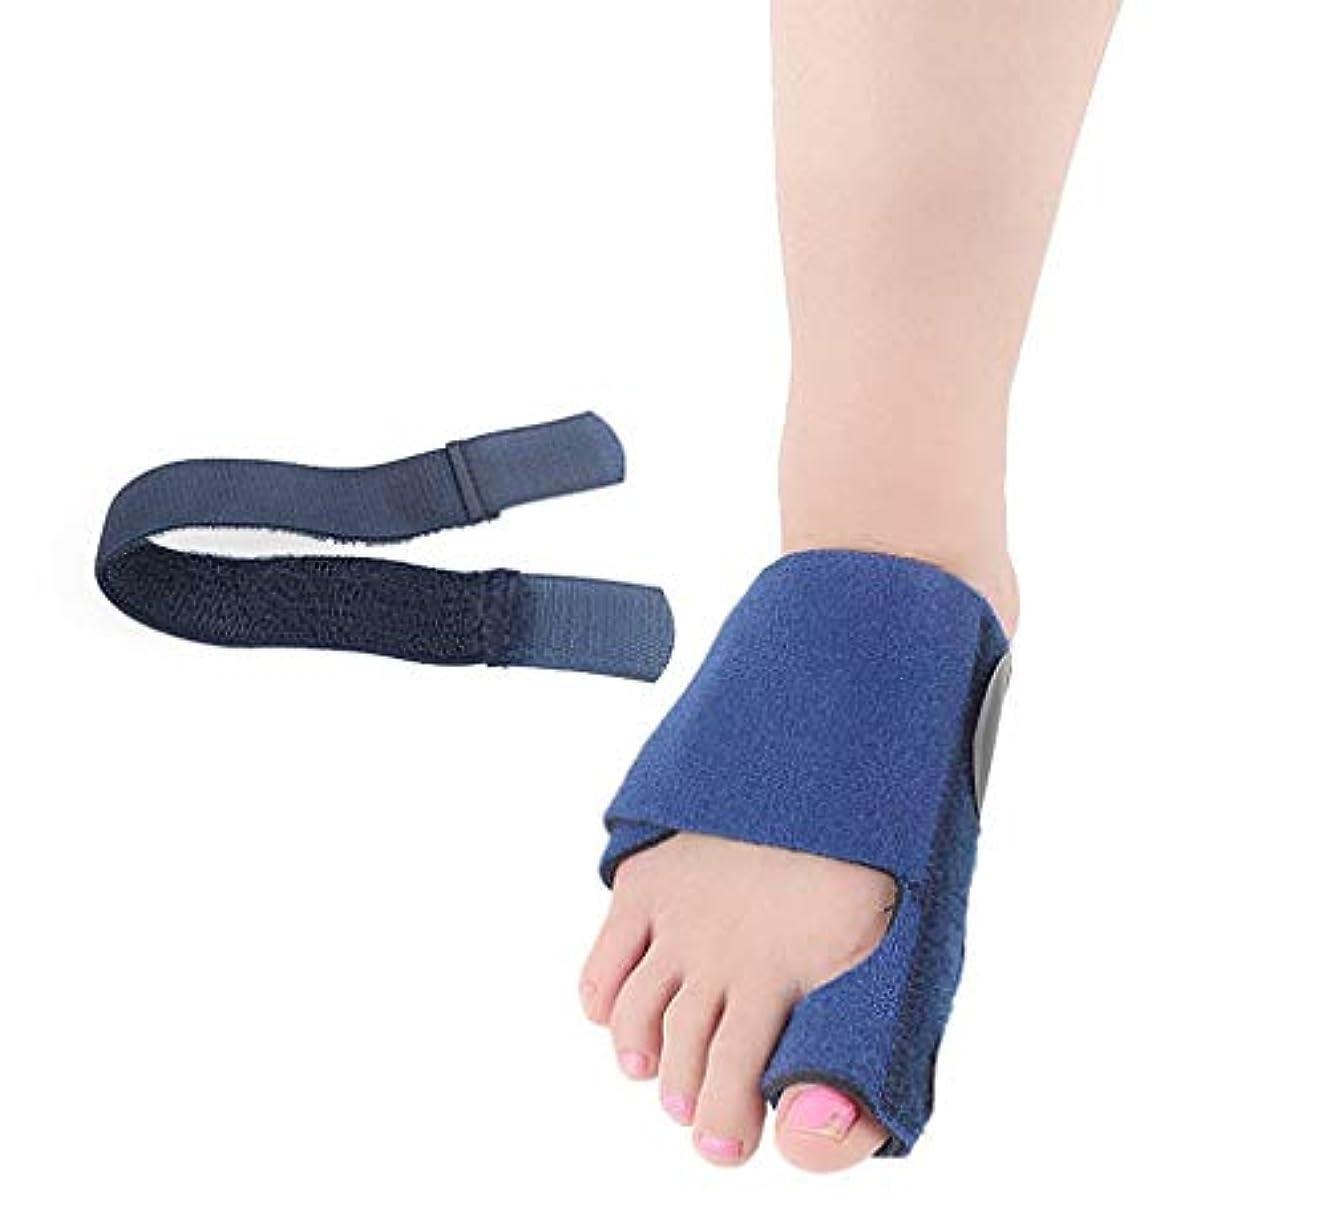 要件ロープヘッジバニオンコレクター  - 整形外科用足首矯正ビッグトゥストレートナー - 外反母趾パッド用副木ブレース、関節痛の緩和、アライメント治療 - 整形外科用スリーブフットラップ